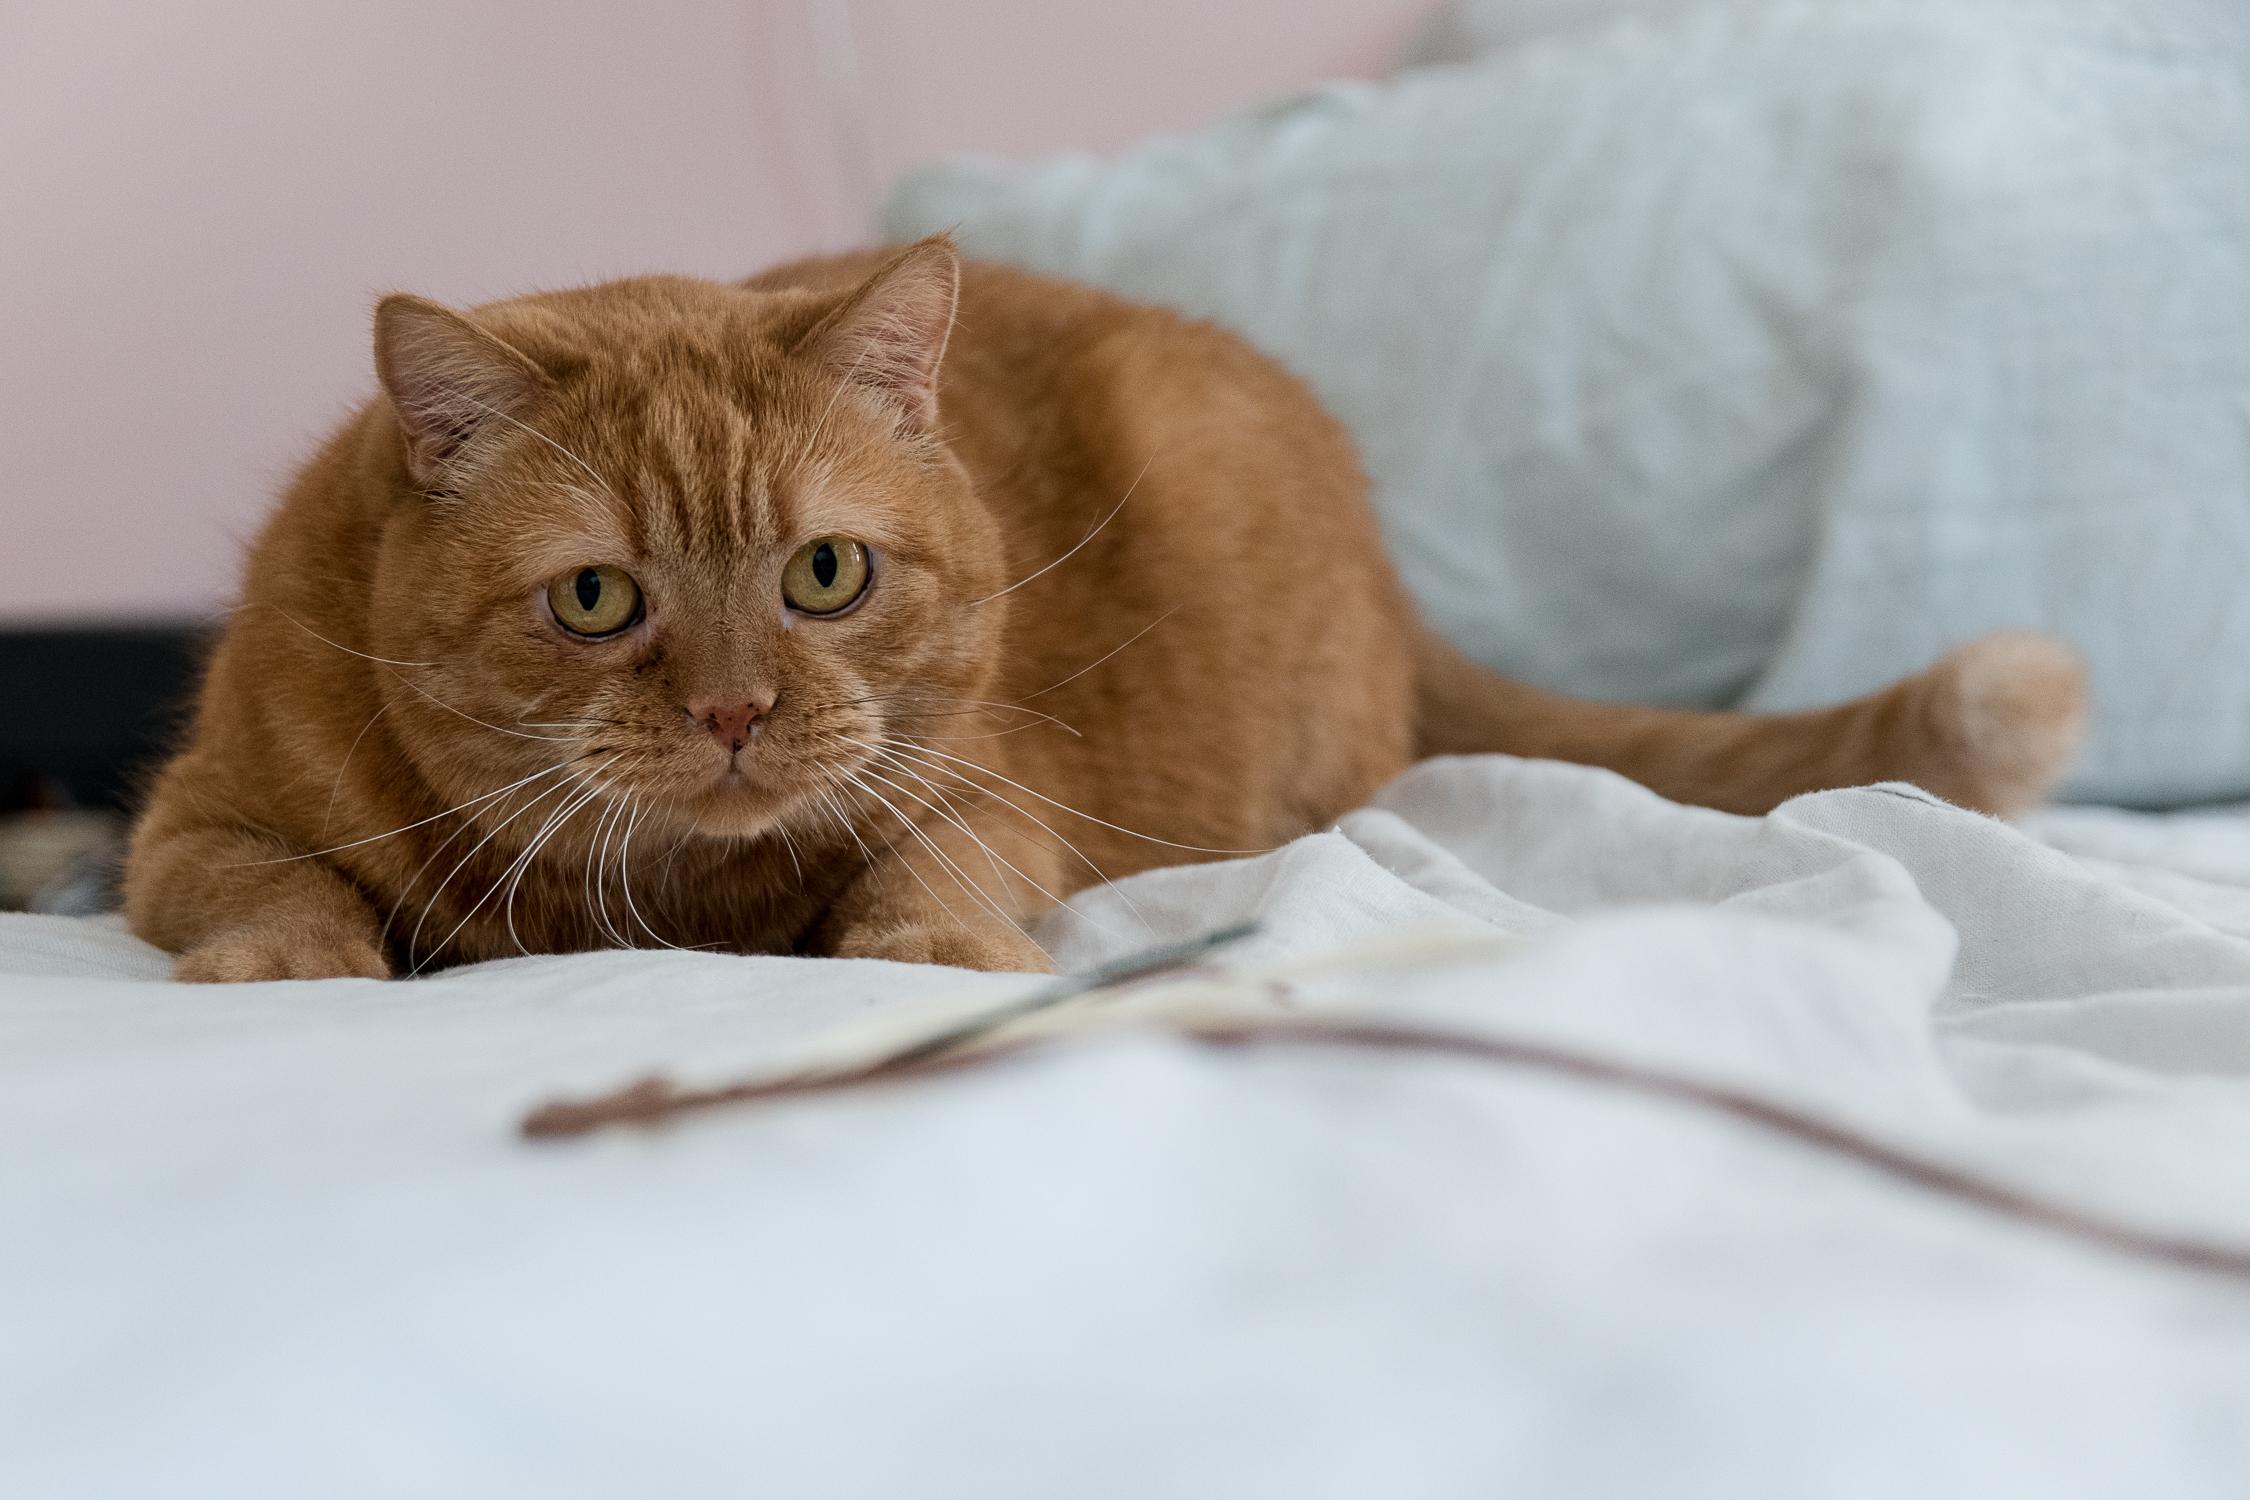 Bevorzugt Wohnen mit Katzen – schlichtes DIY Katzenspielzeug | craftifair FG58